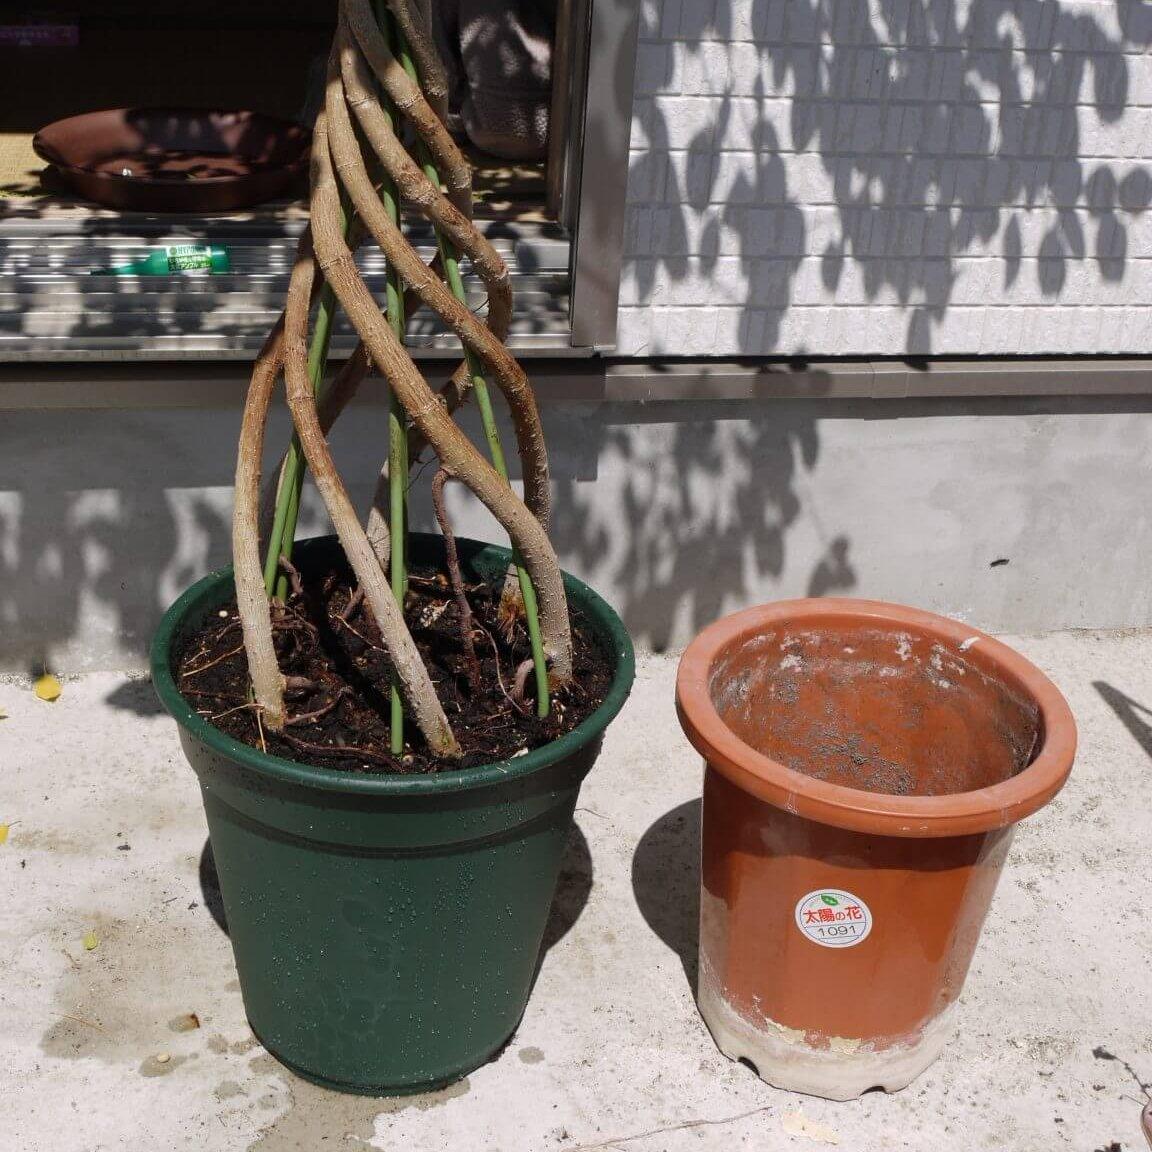 ひと回り大きな鉢に植え替え